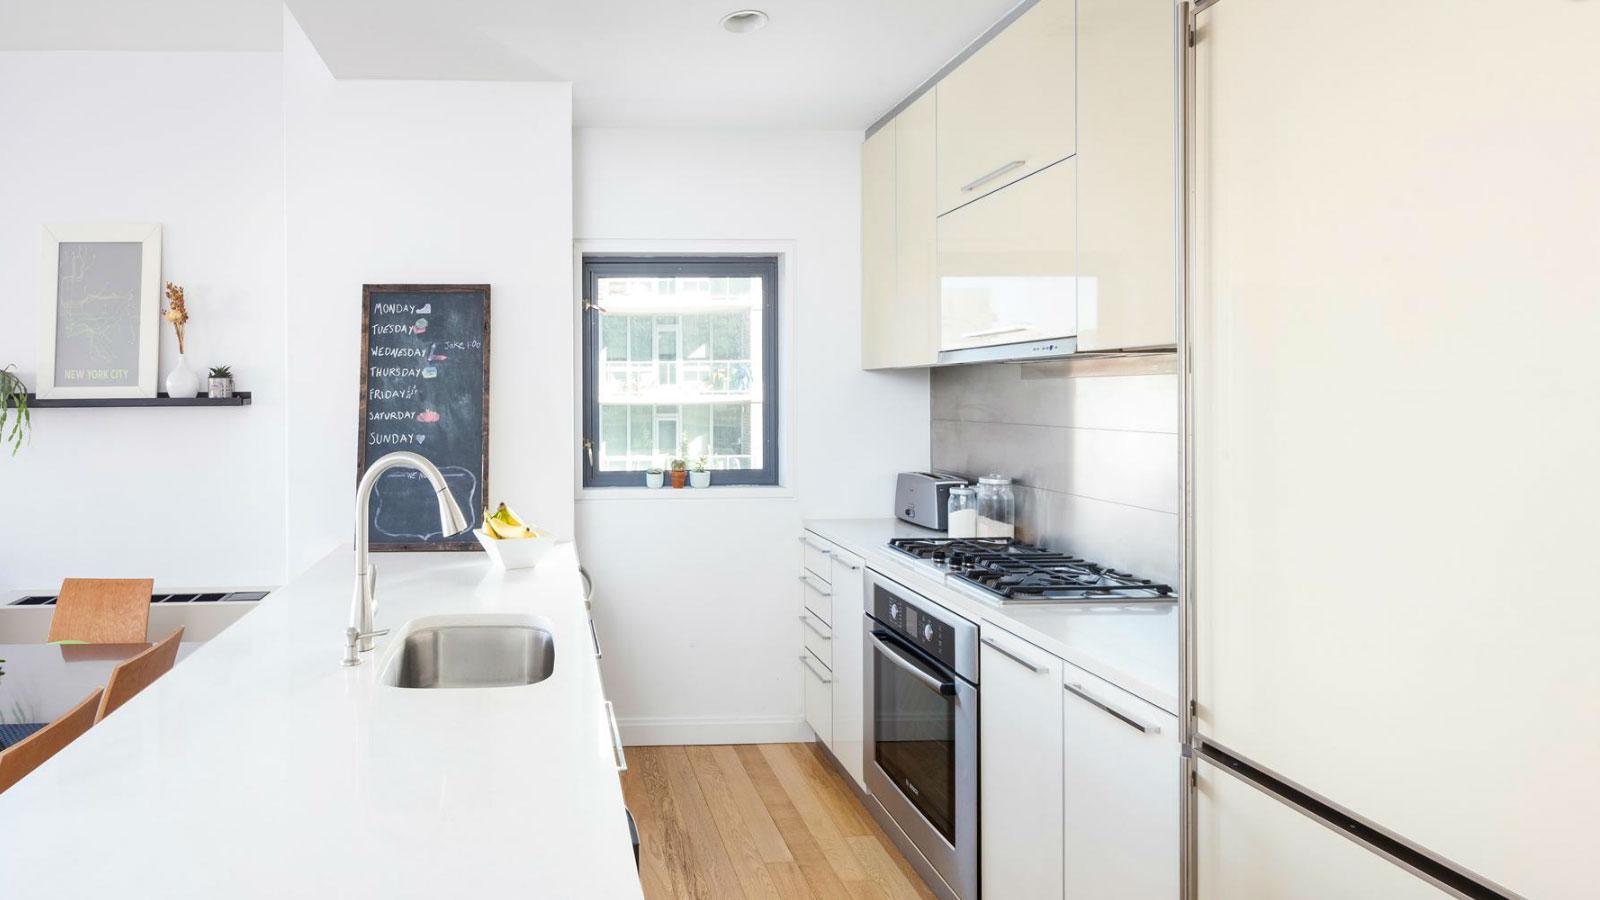 L Haus 11 02 49th Avenue Nyc Condo Apartments Cityrealty